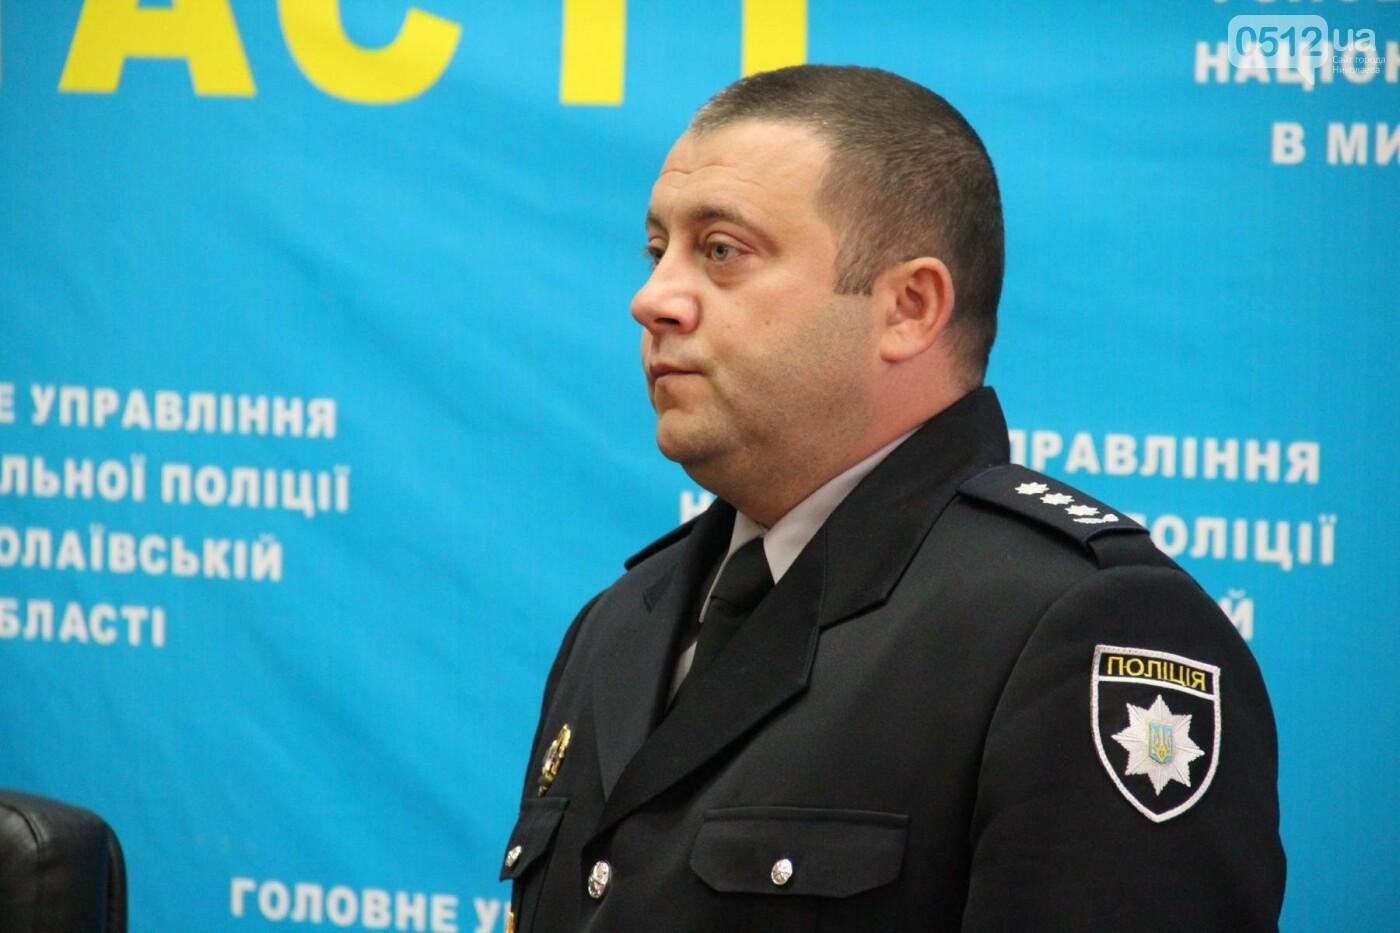 В Николаеве представили нового начальники ГУНП области, - ФОТО, фото-5